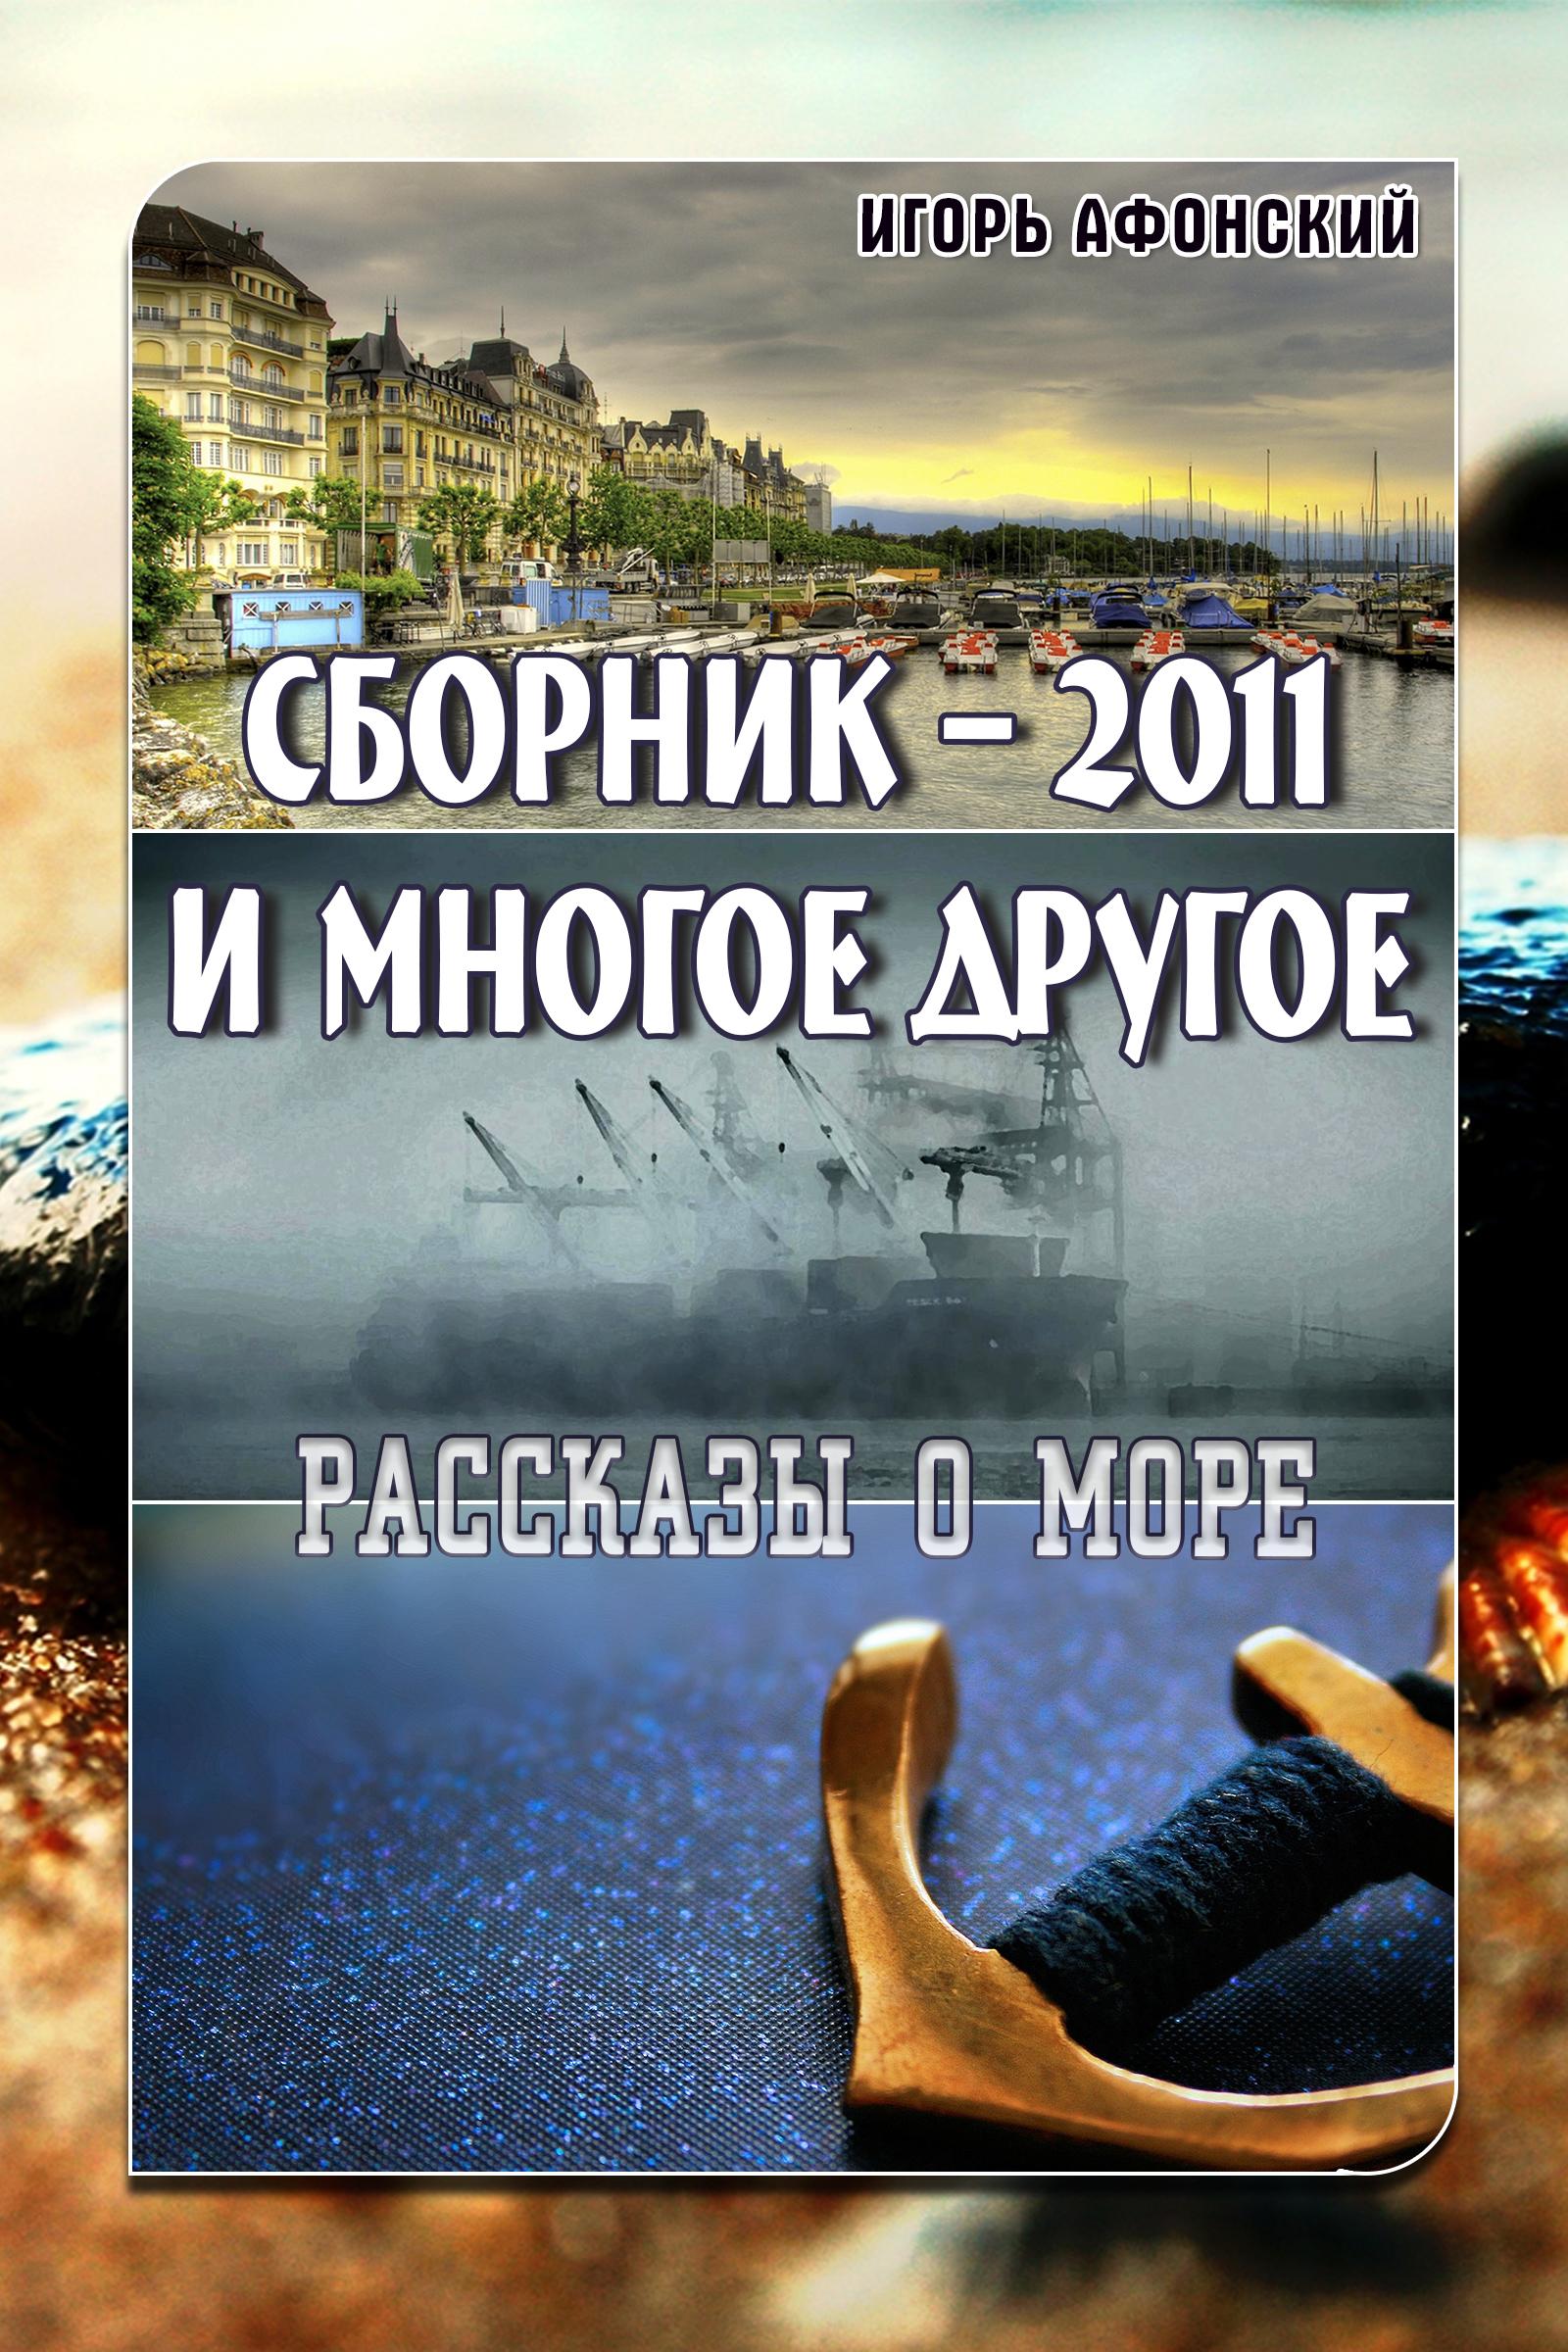 Сборник – 2011 и многое другое